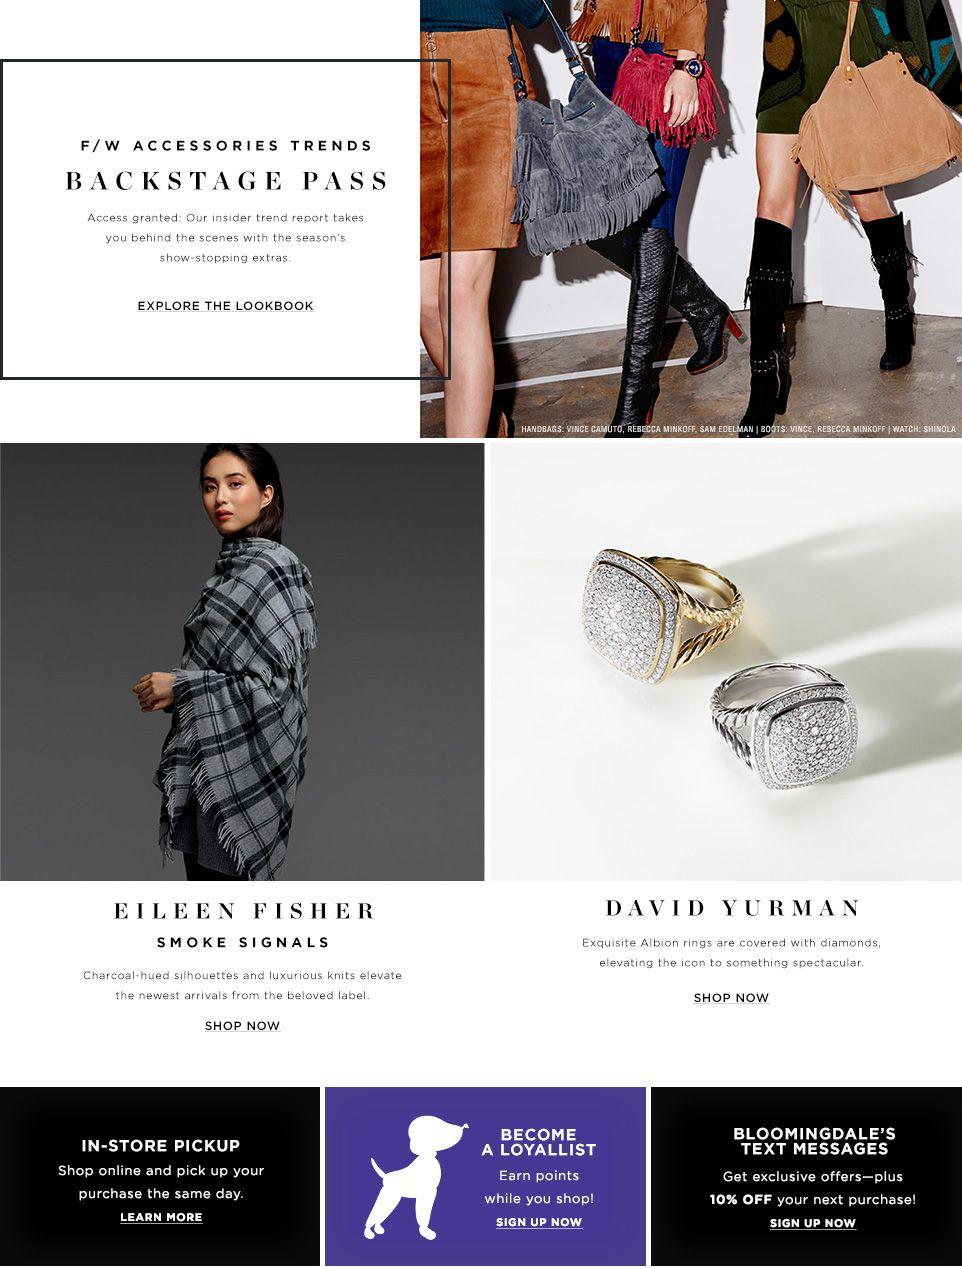 13f2d79b12e Shop Bloomingdale's   Designer Dresses, Clothes, Shoes, Handbags,  Cosmetics, Home and More